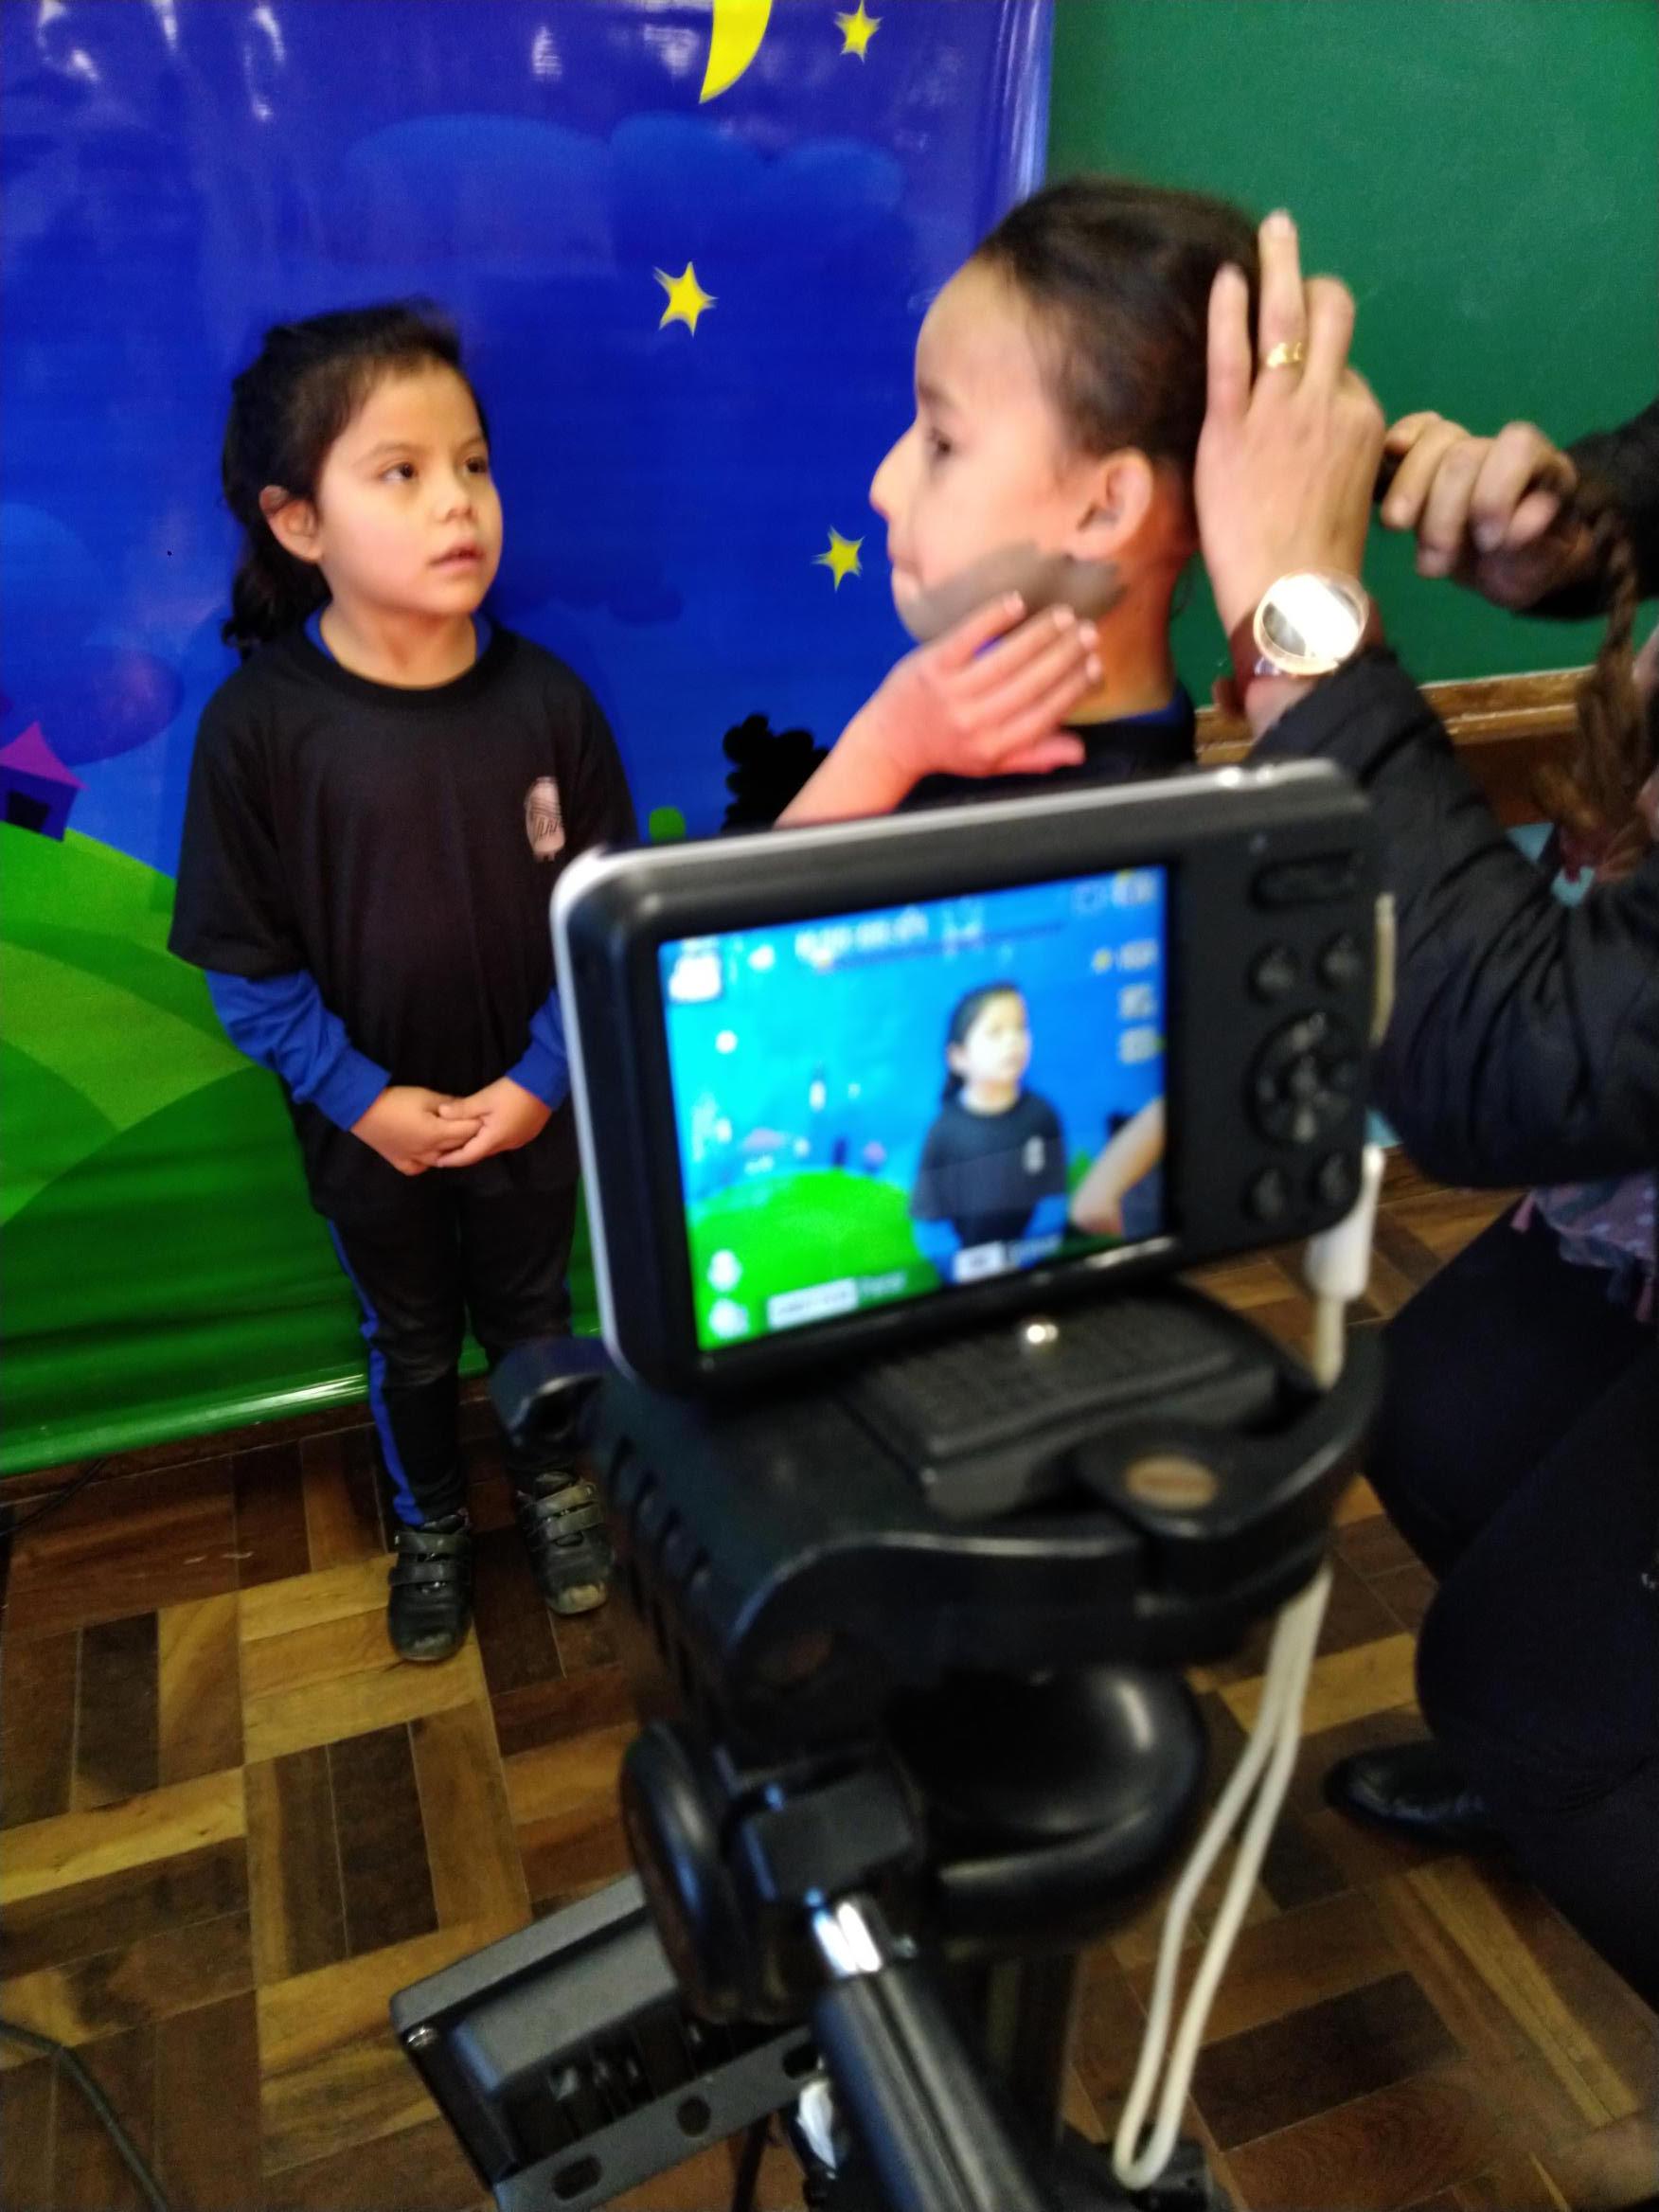 Escola prepara material multimídia para desafio do Projeto Ler e Pensar